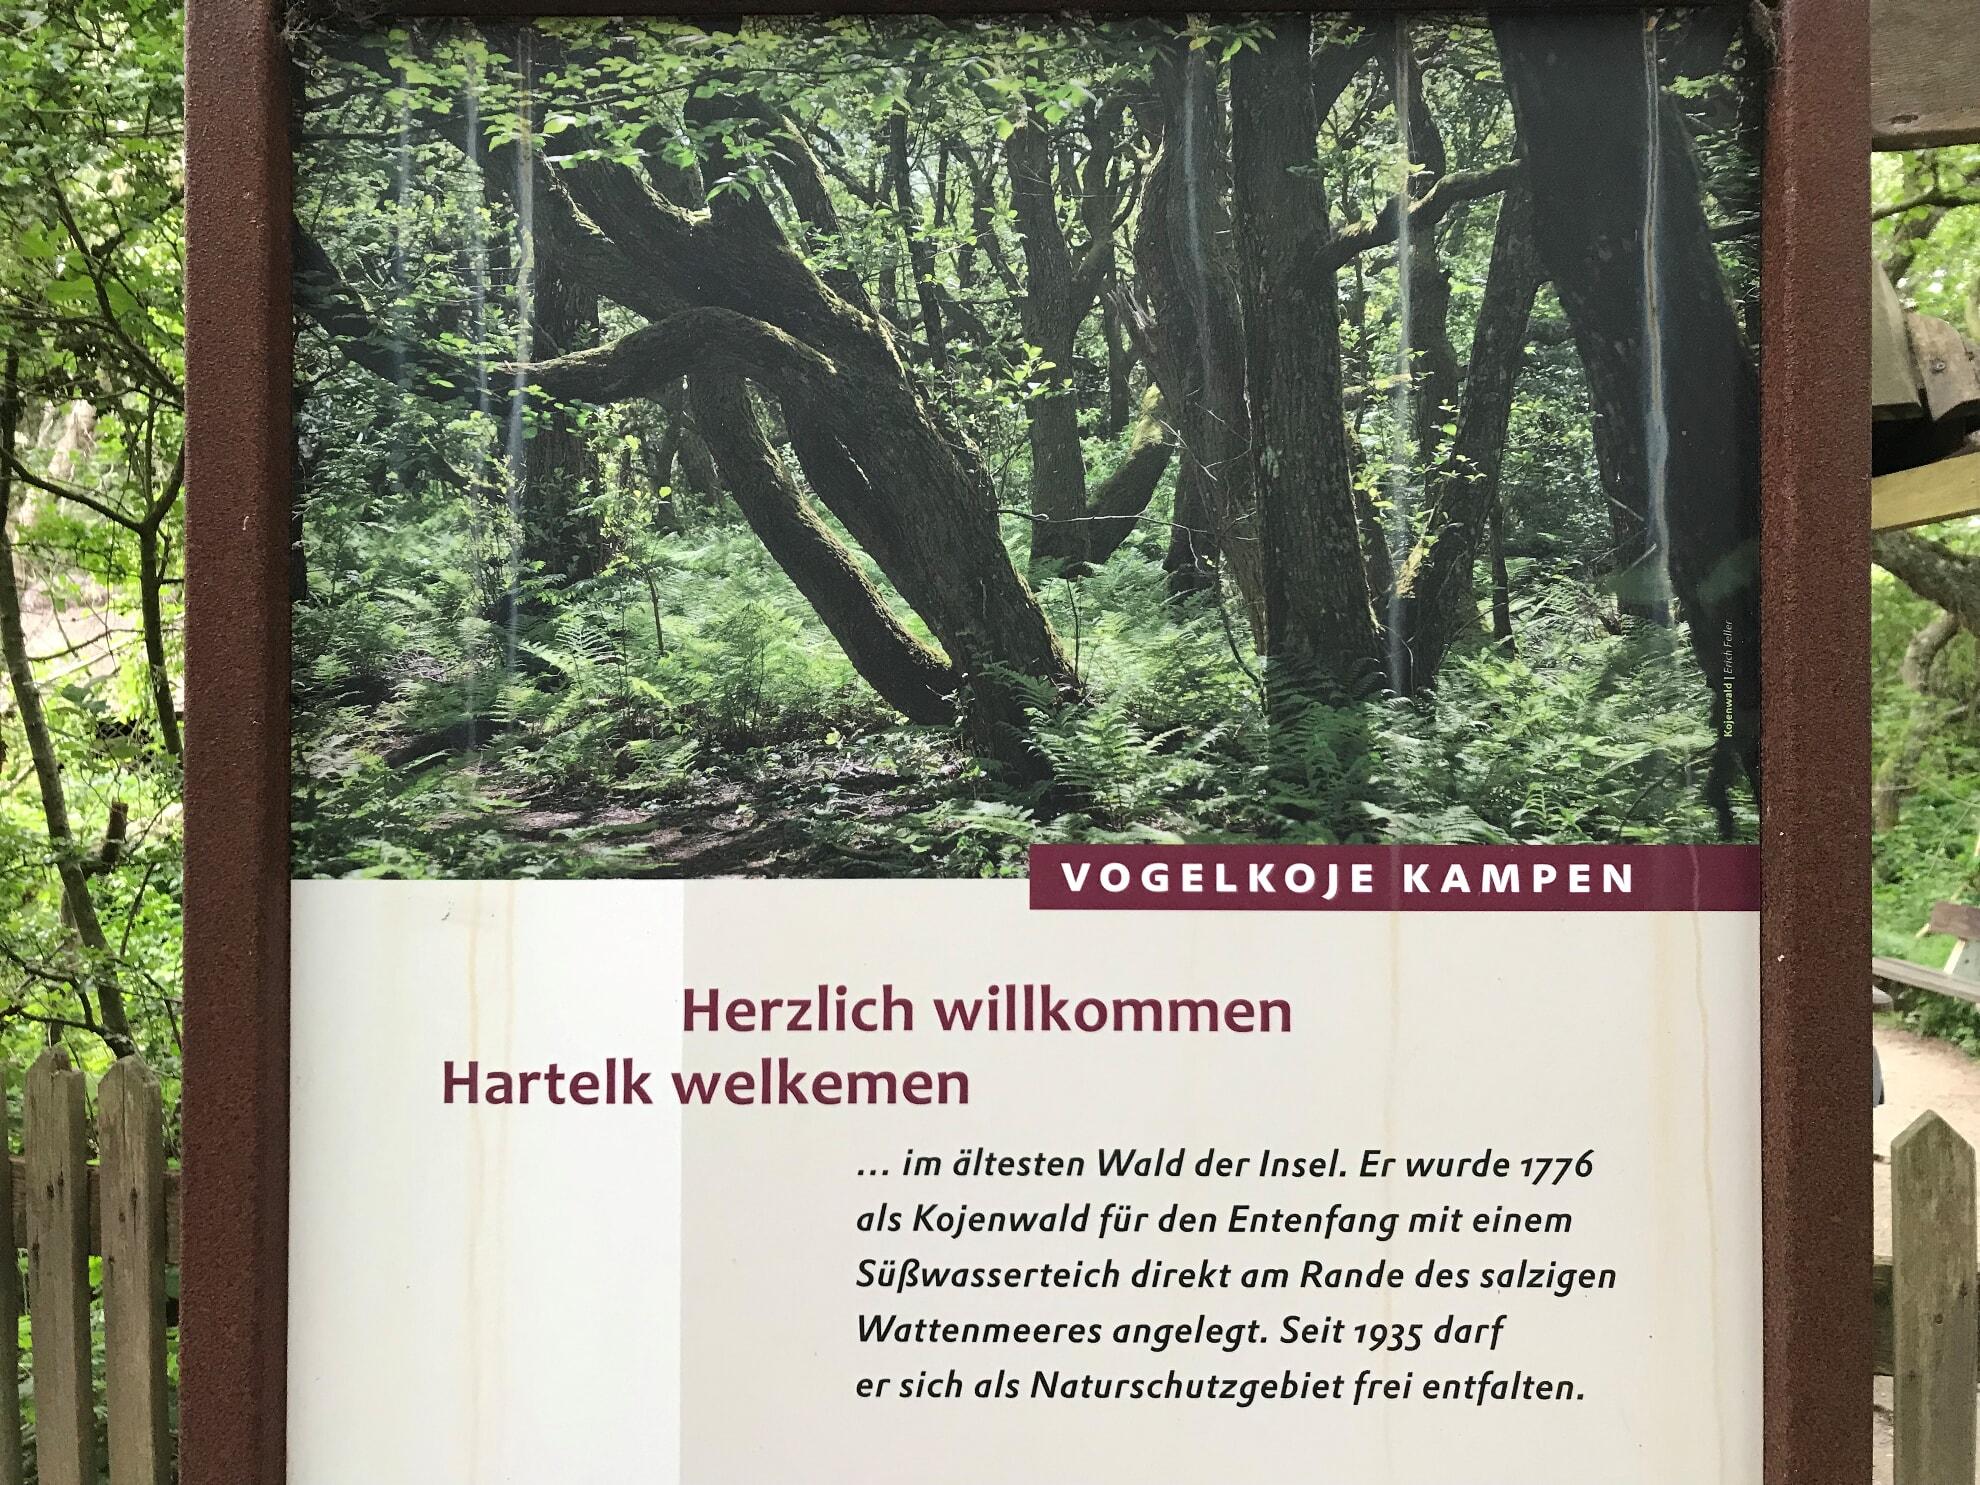 Naturzentrum Vogelkoje Kampen